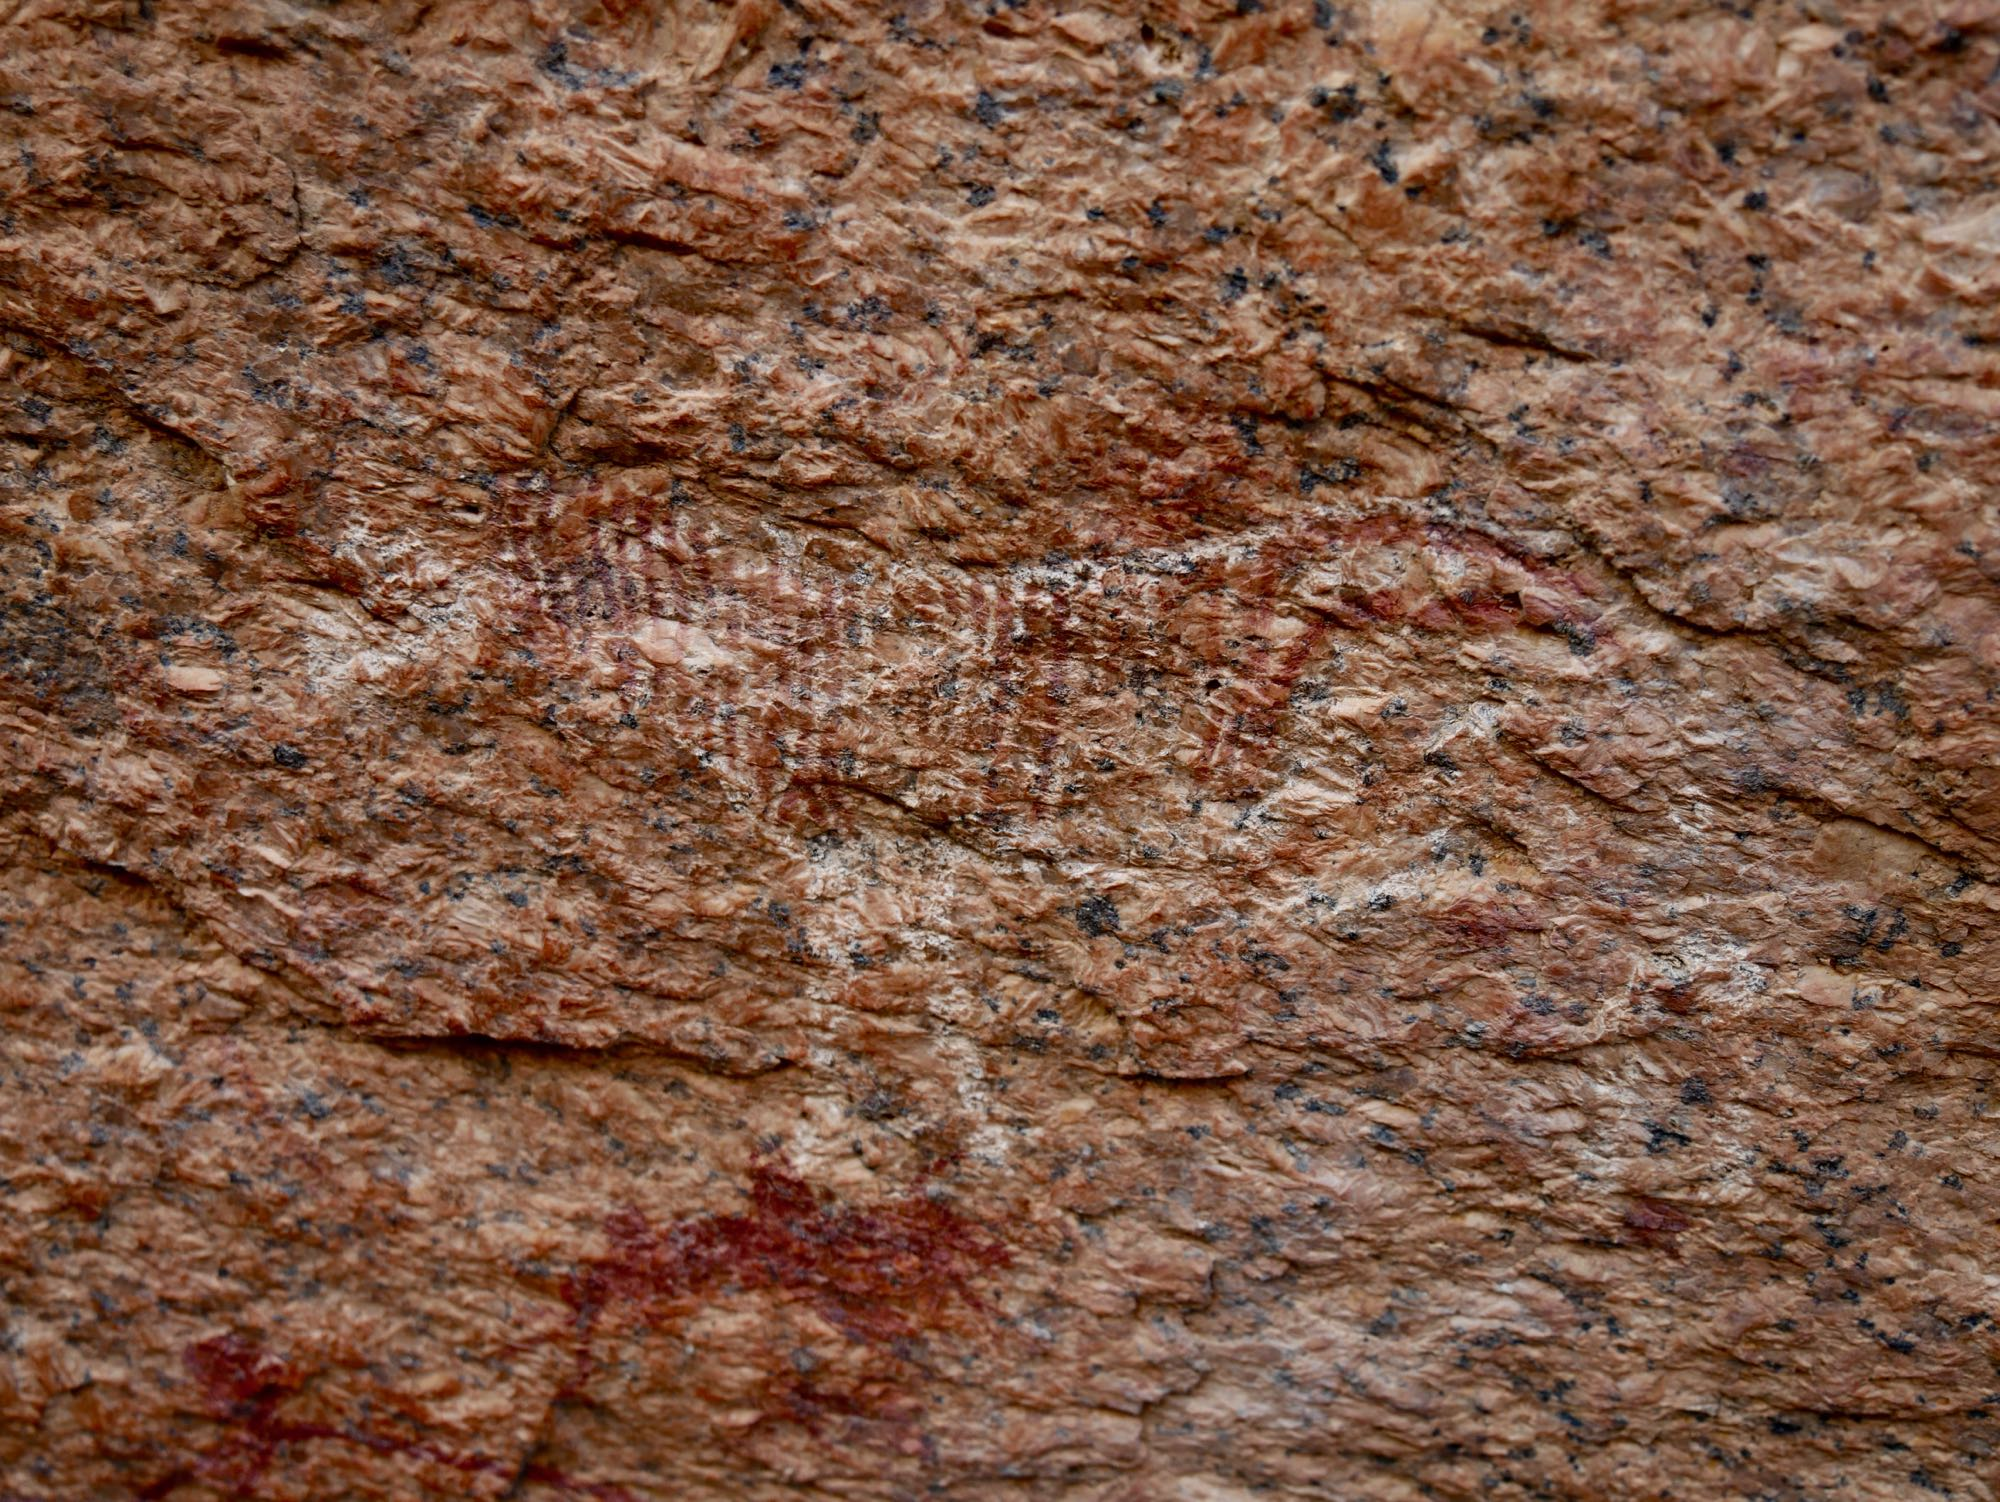 Peinture rupestre de zèbre au Spitzkoppe